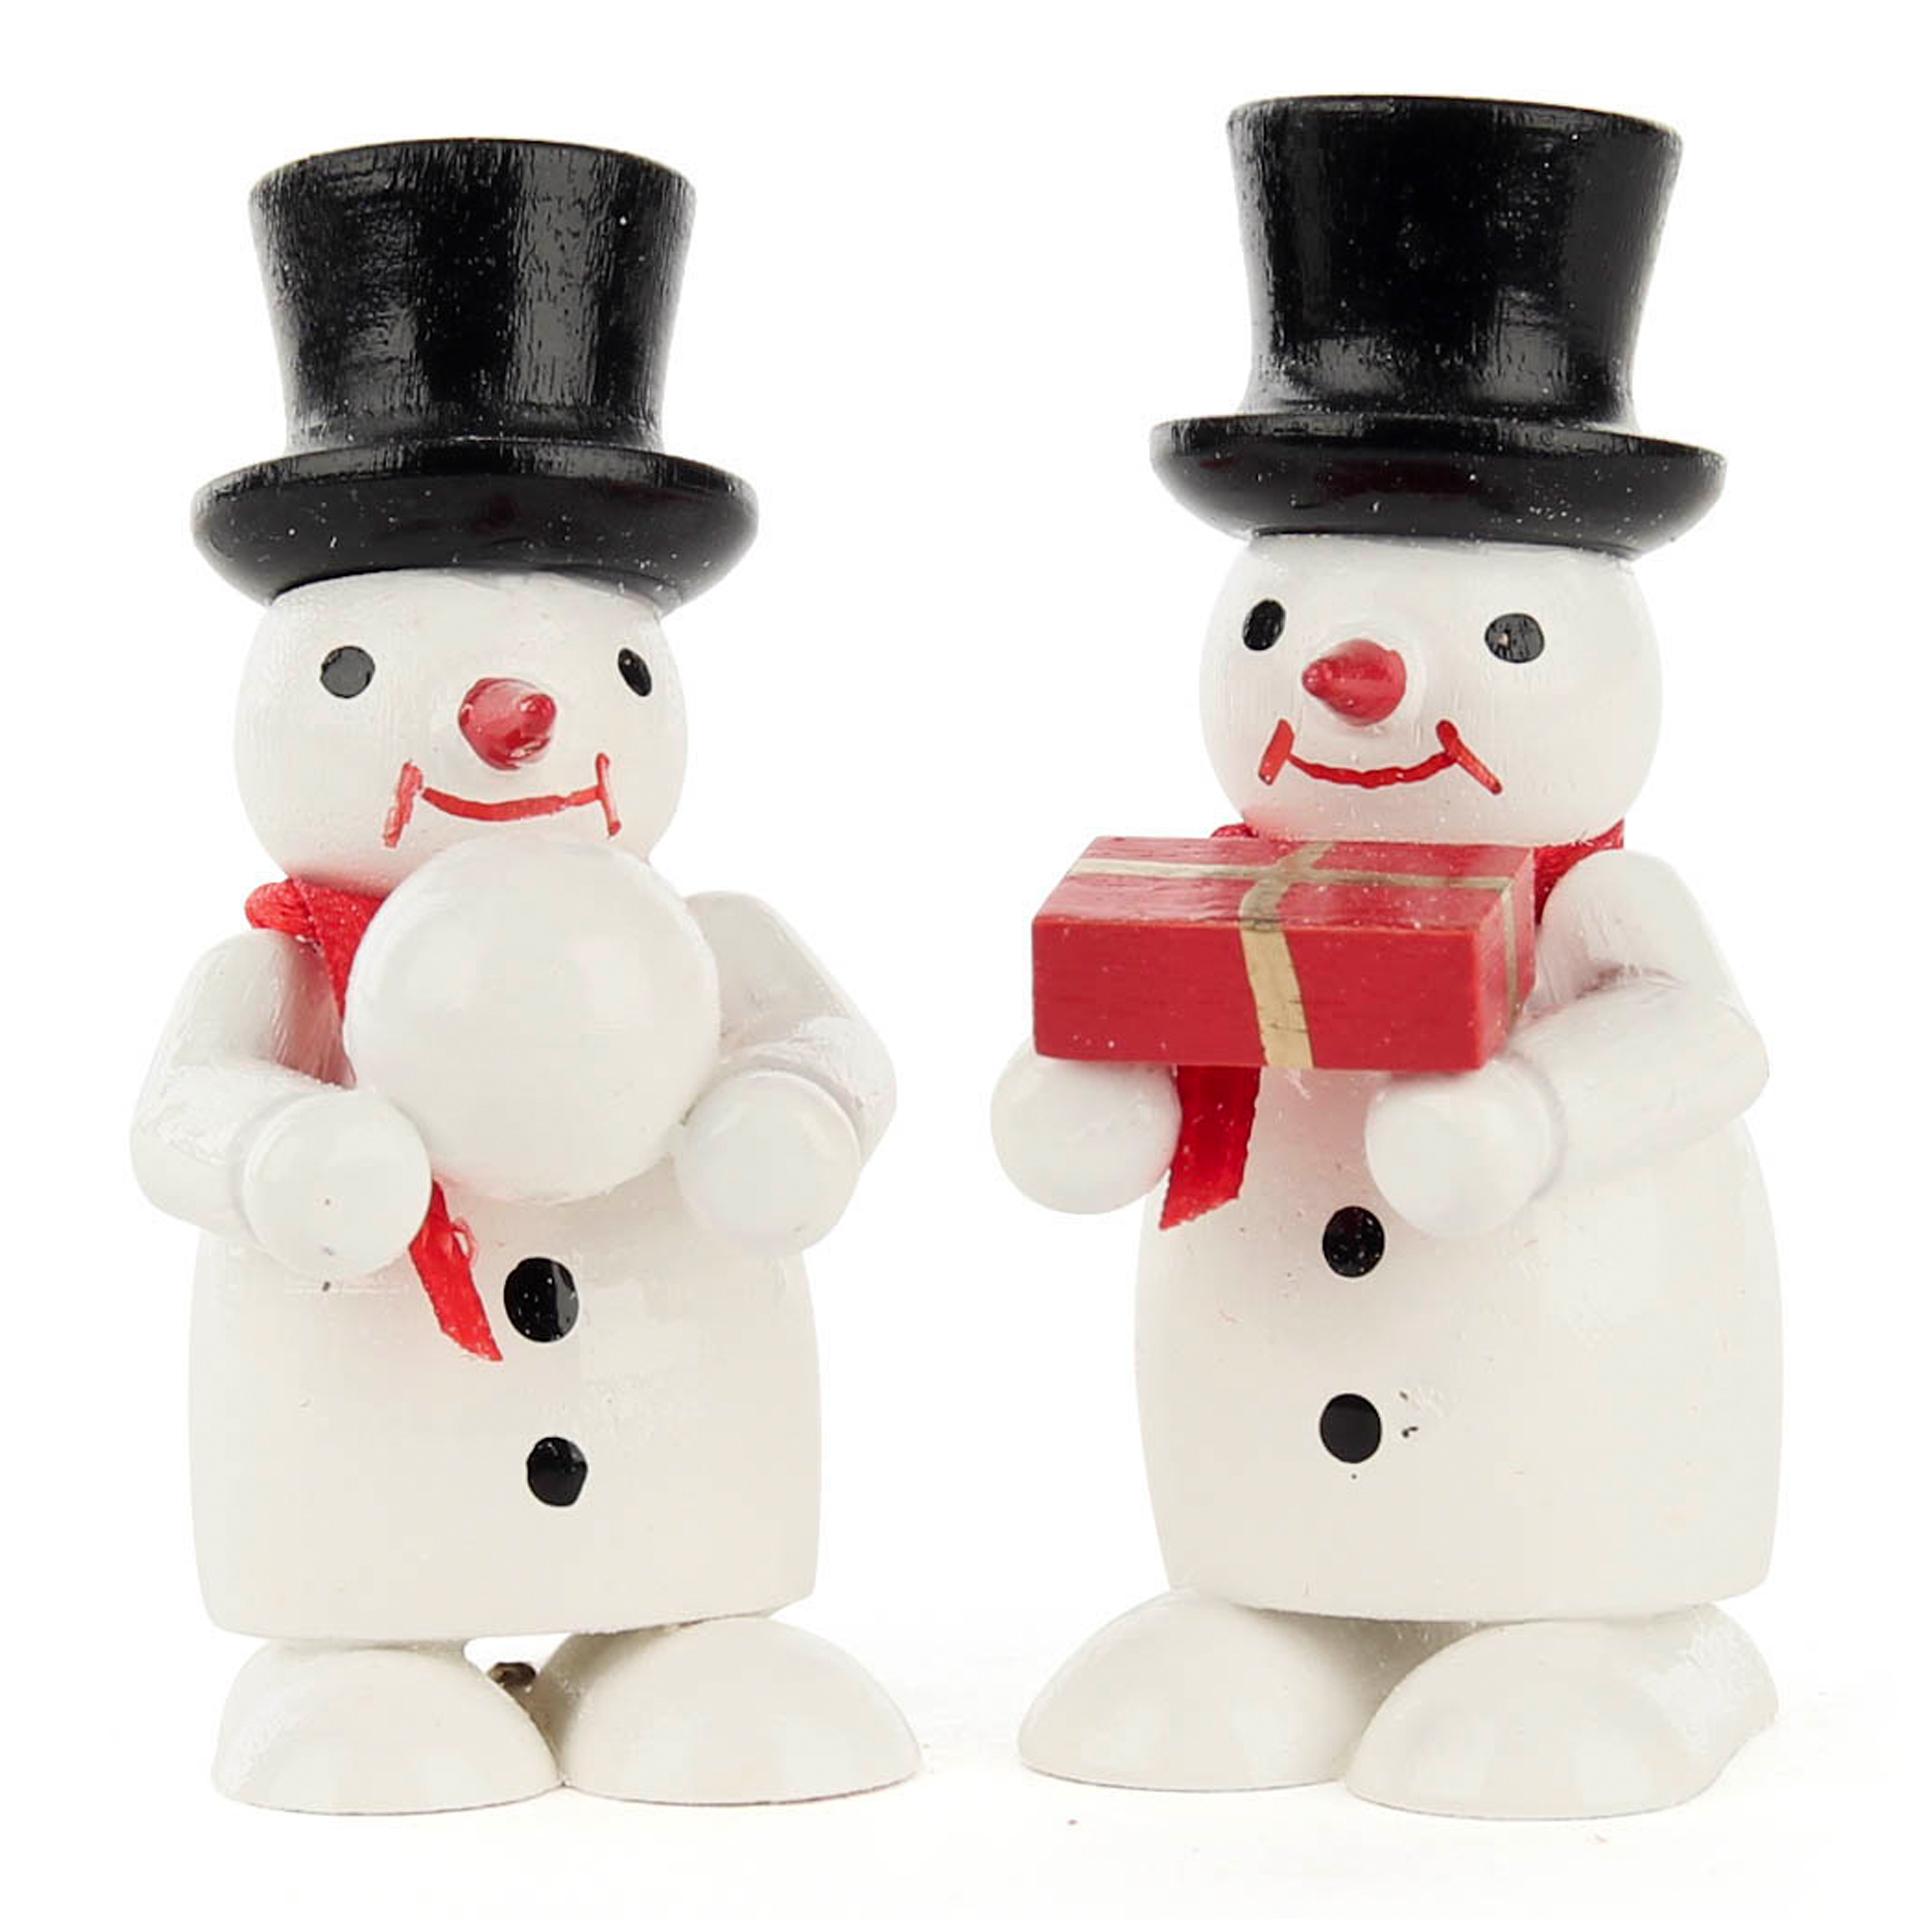 Miniatur Schneemänner mit Geschenk und Schneeball, farbig